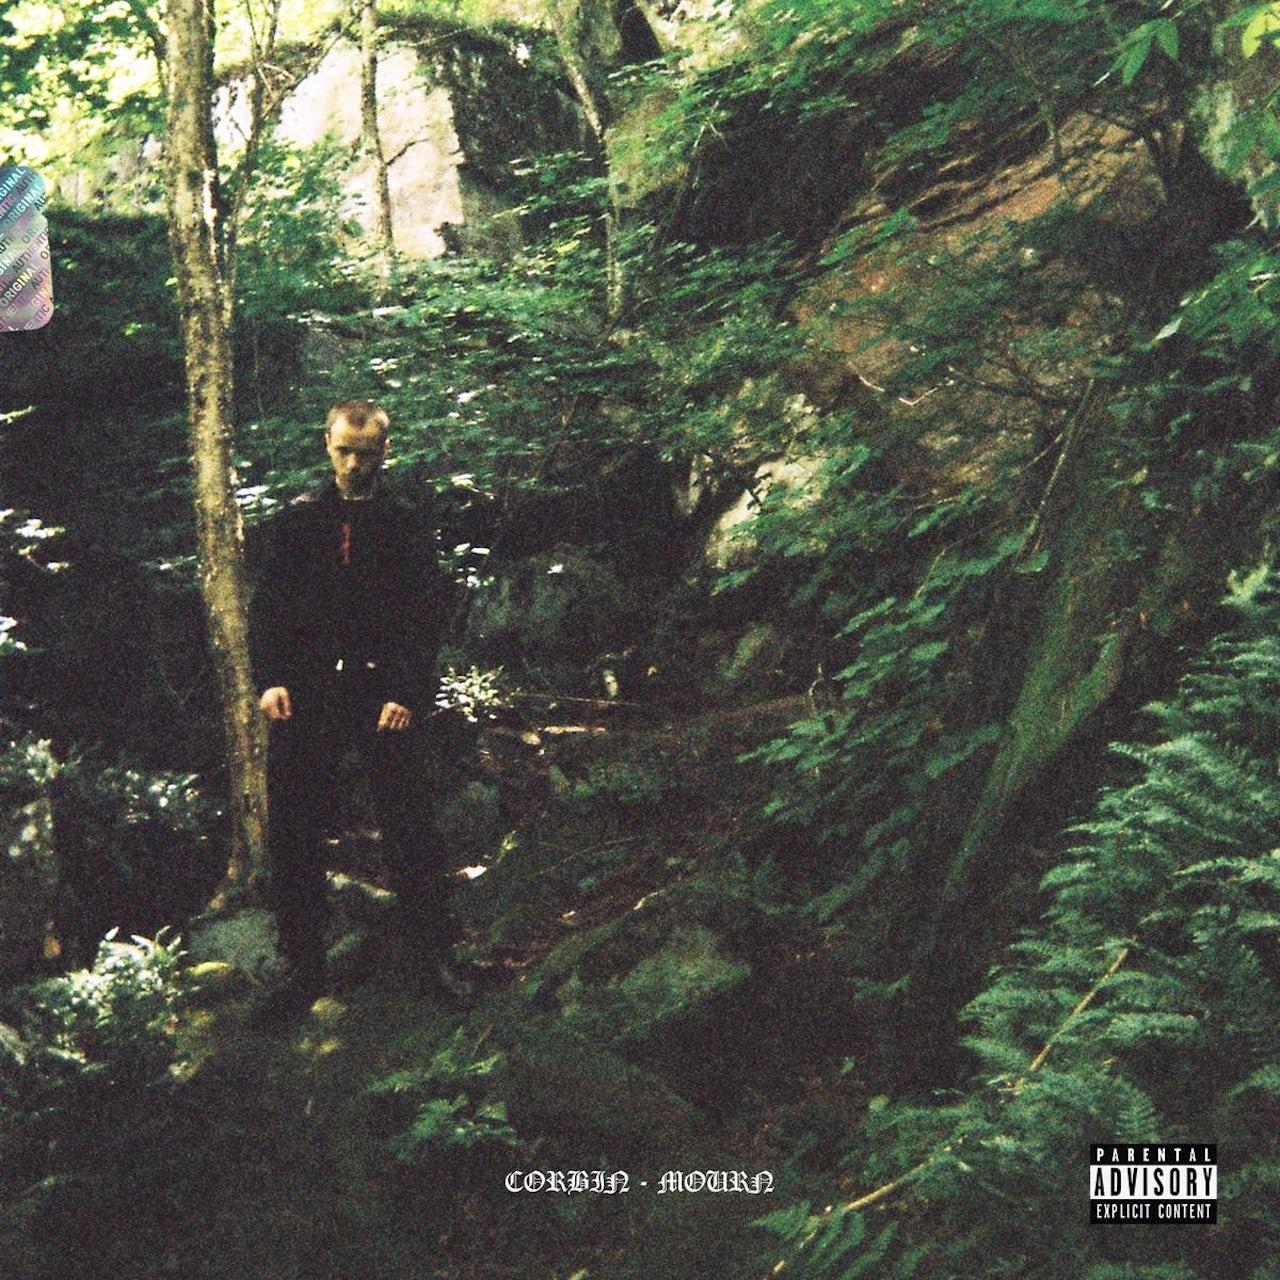 The cover to Corbin's album Mourn